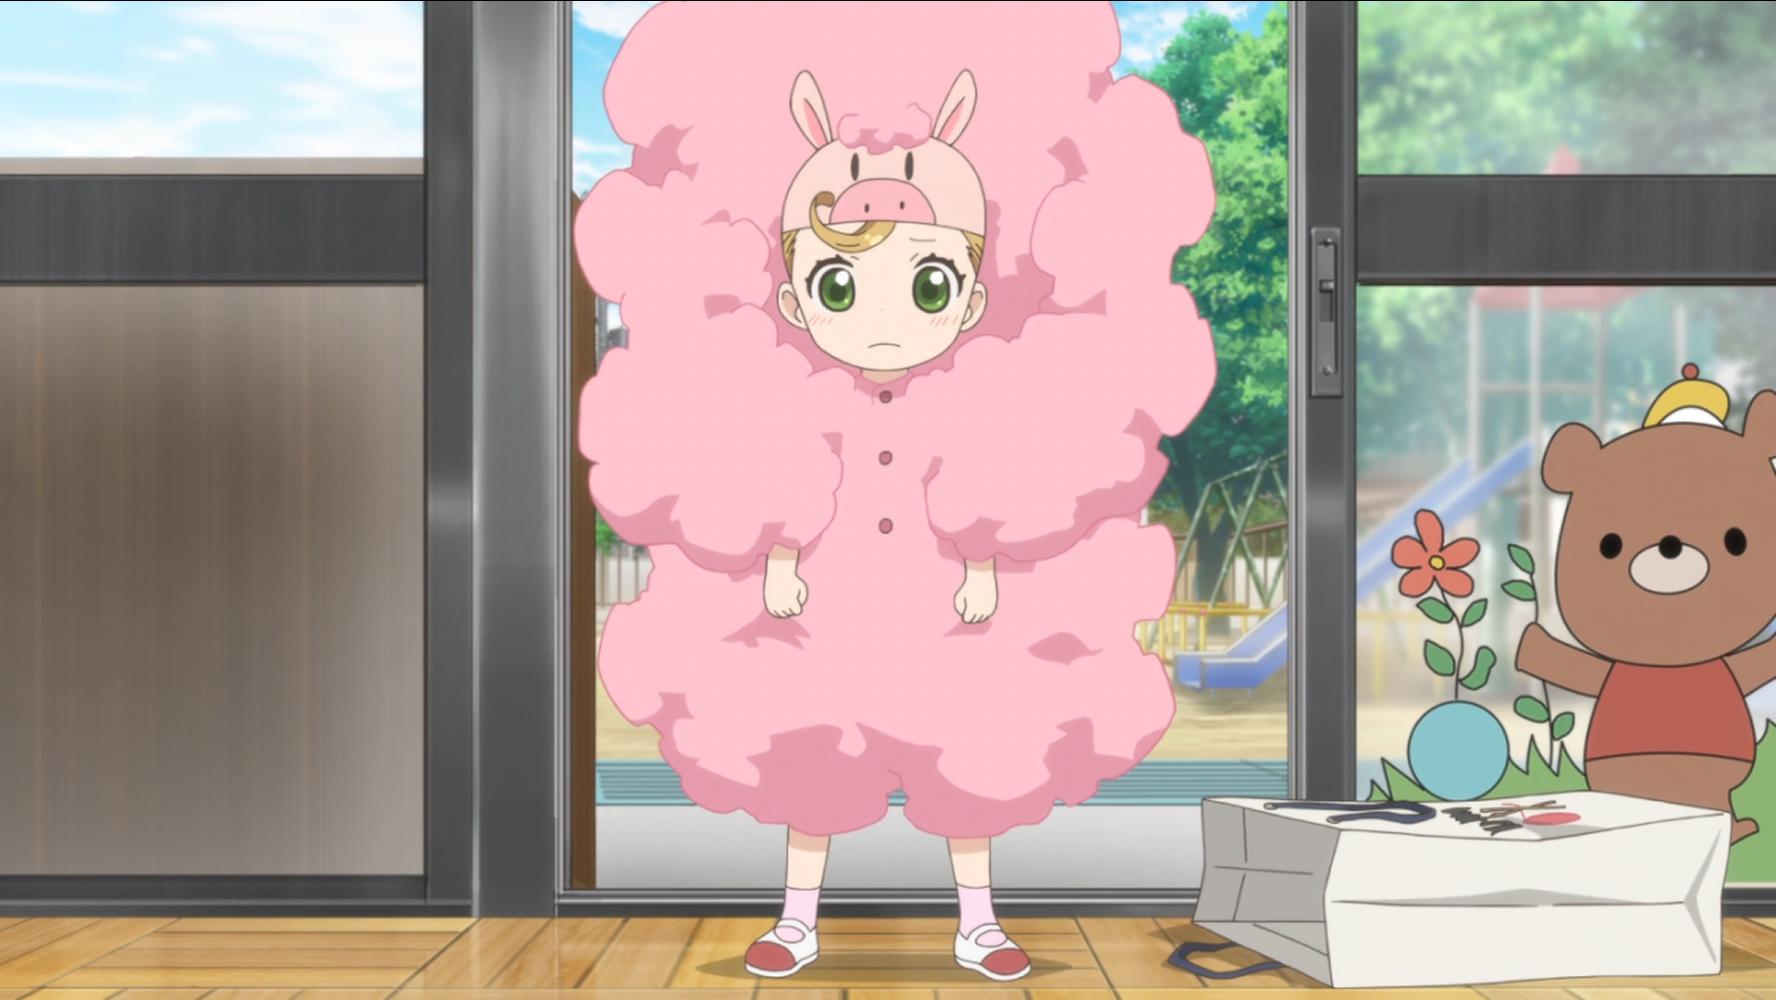 Para la obra de teatro escolar de su clase de jardín de infantes, Tsumugi se viste como el Sr. Galigali, un personaje mascota de cerdo lanudo del anime de televisión Magi-Girl, en una escena del anime de televisión Sweetness & Lightning de 2016.